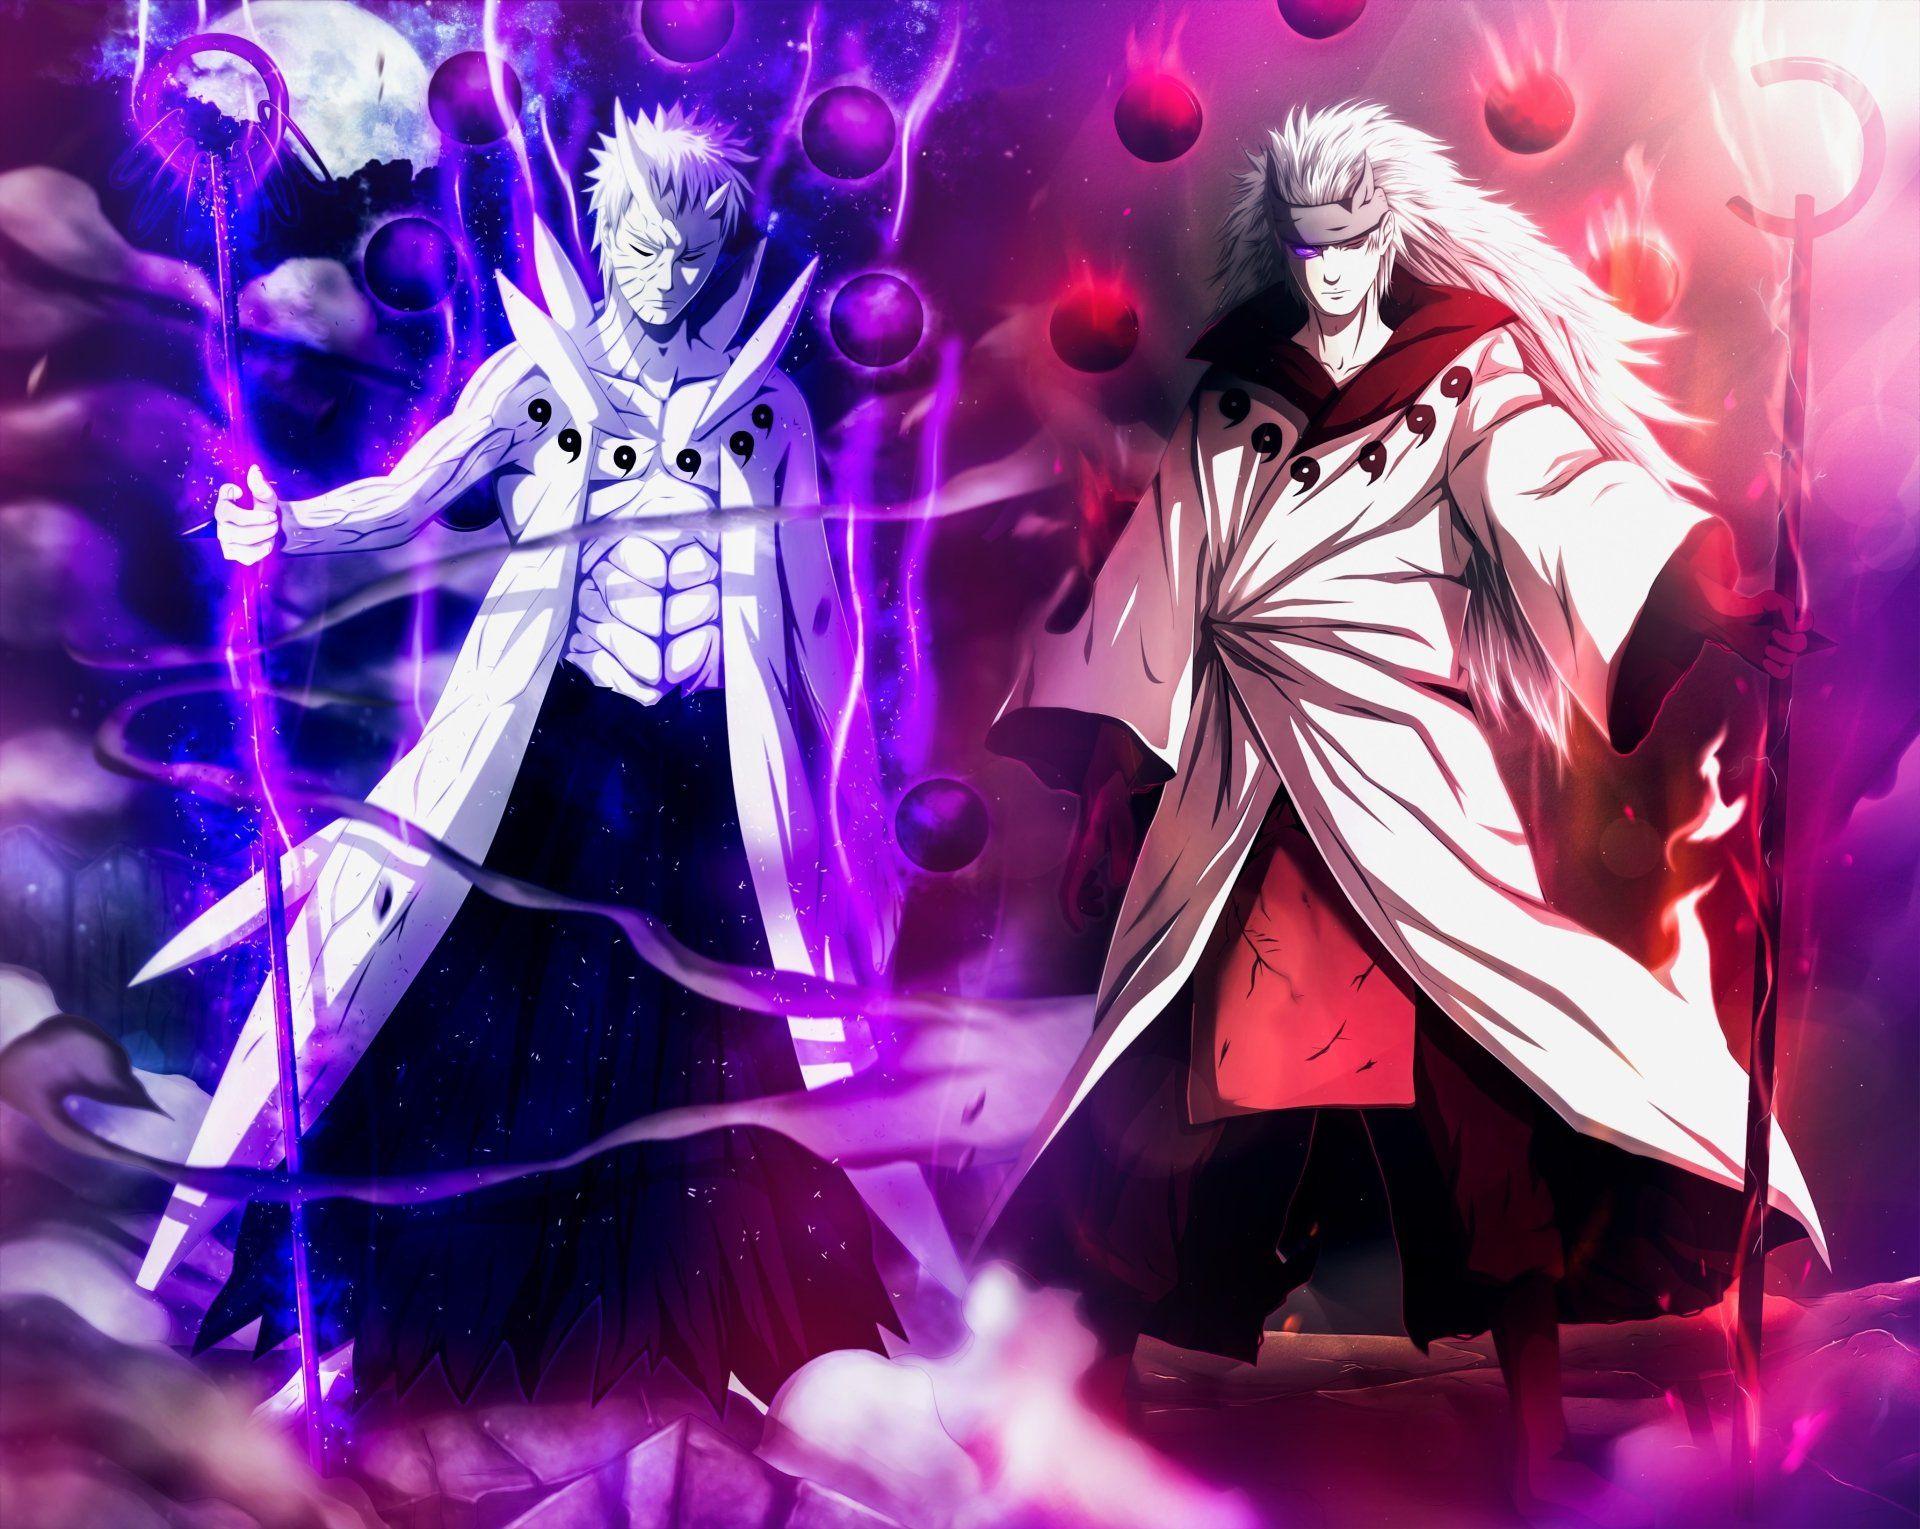 Anime Naruto Madara Uchiha Obito Uchiha Sage Of Six Paths Anime Wallpaper Madara Uchiha Wallpapers Naruto Madara Madara Uchiha